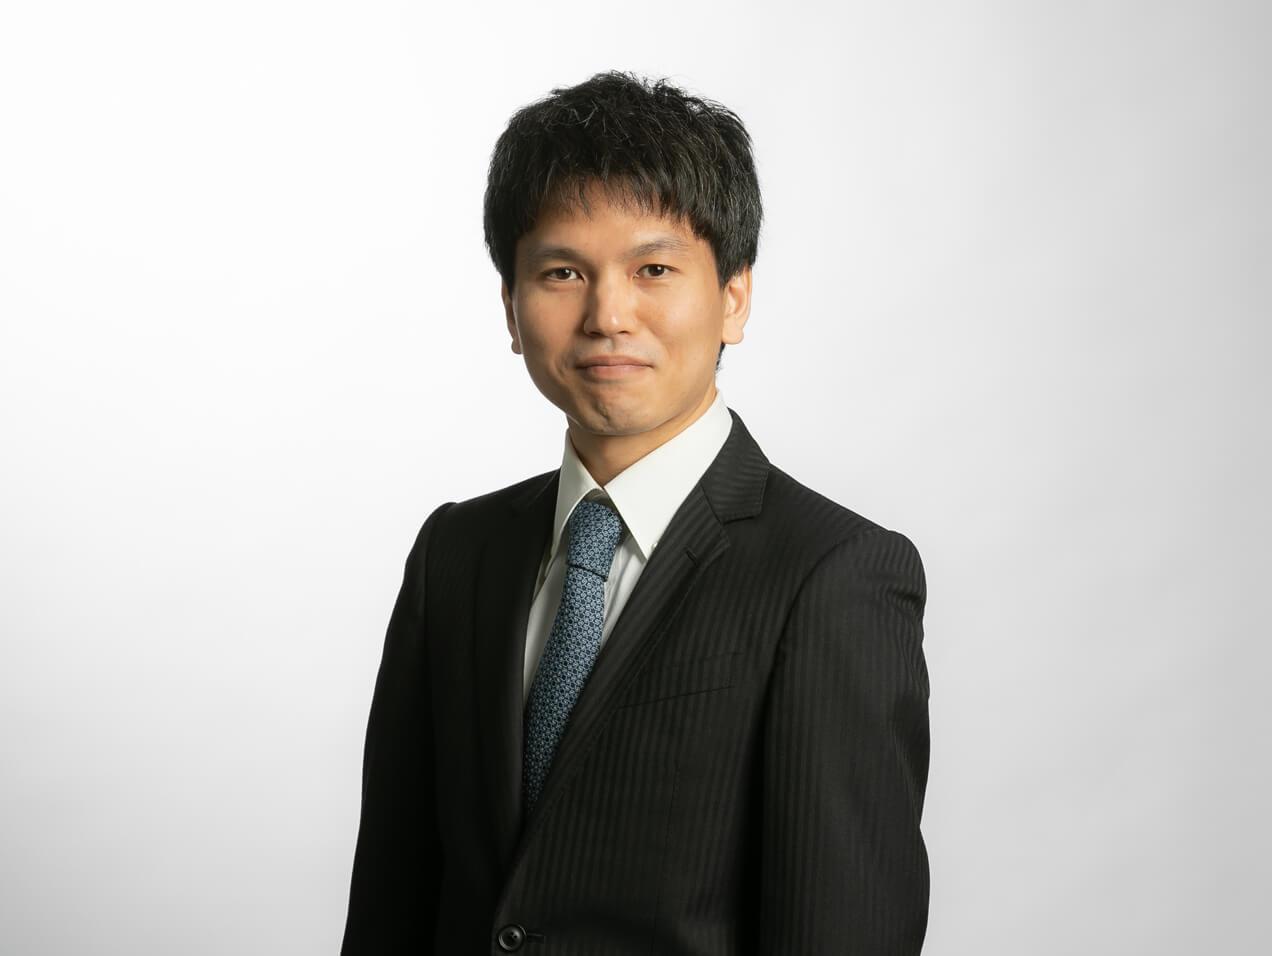 Yutaro Fujimoto